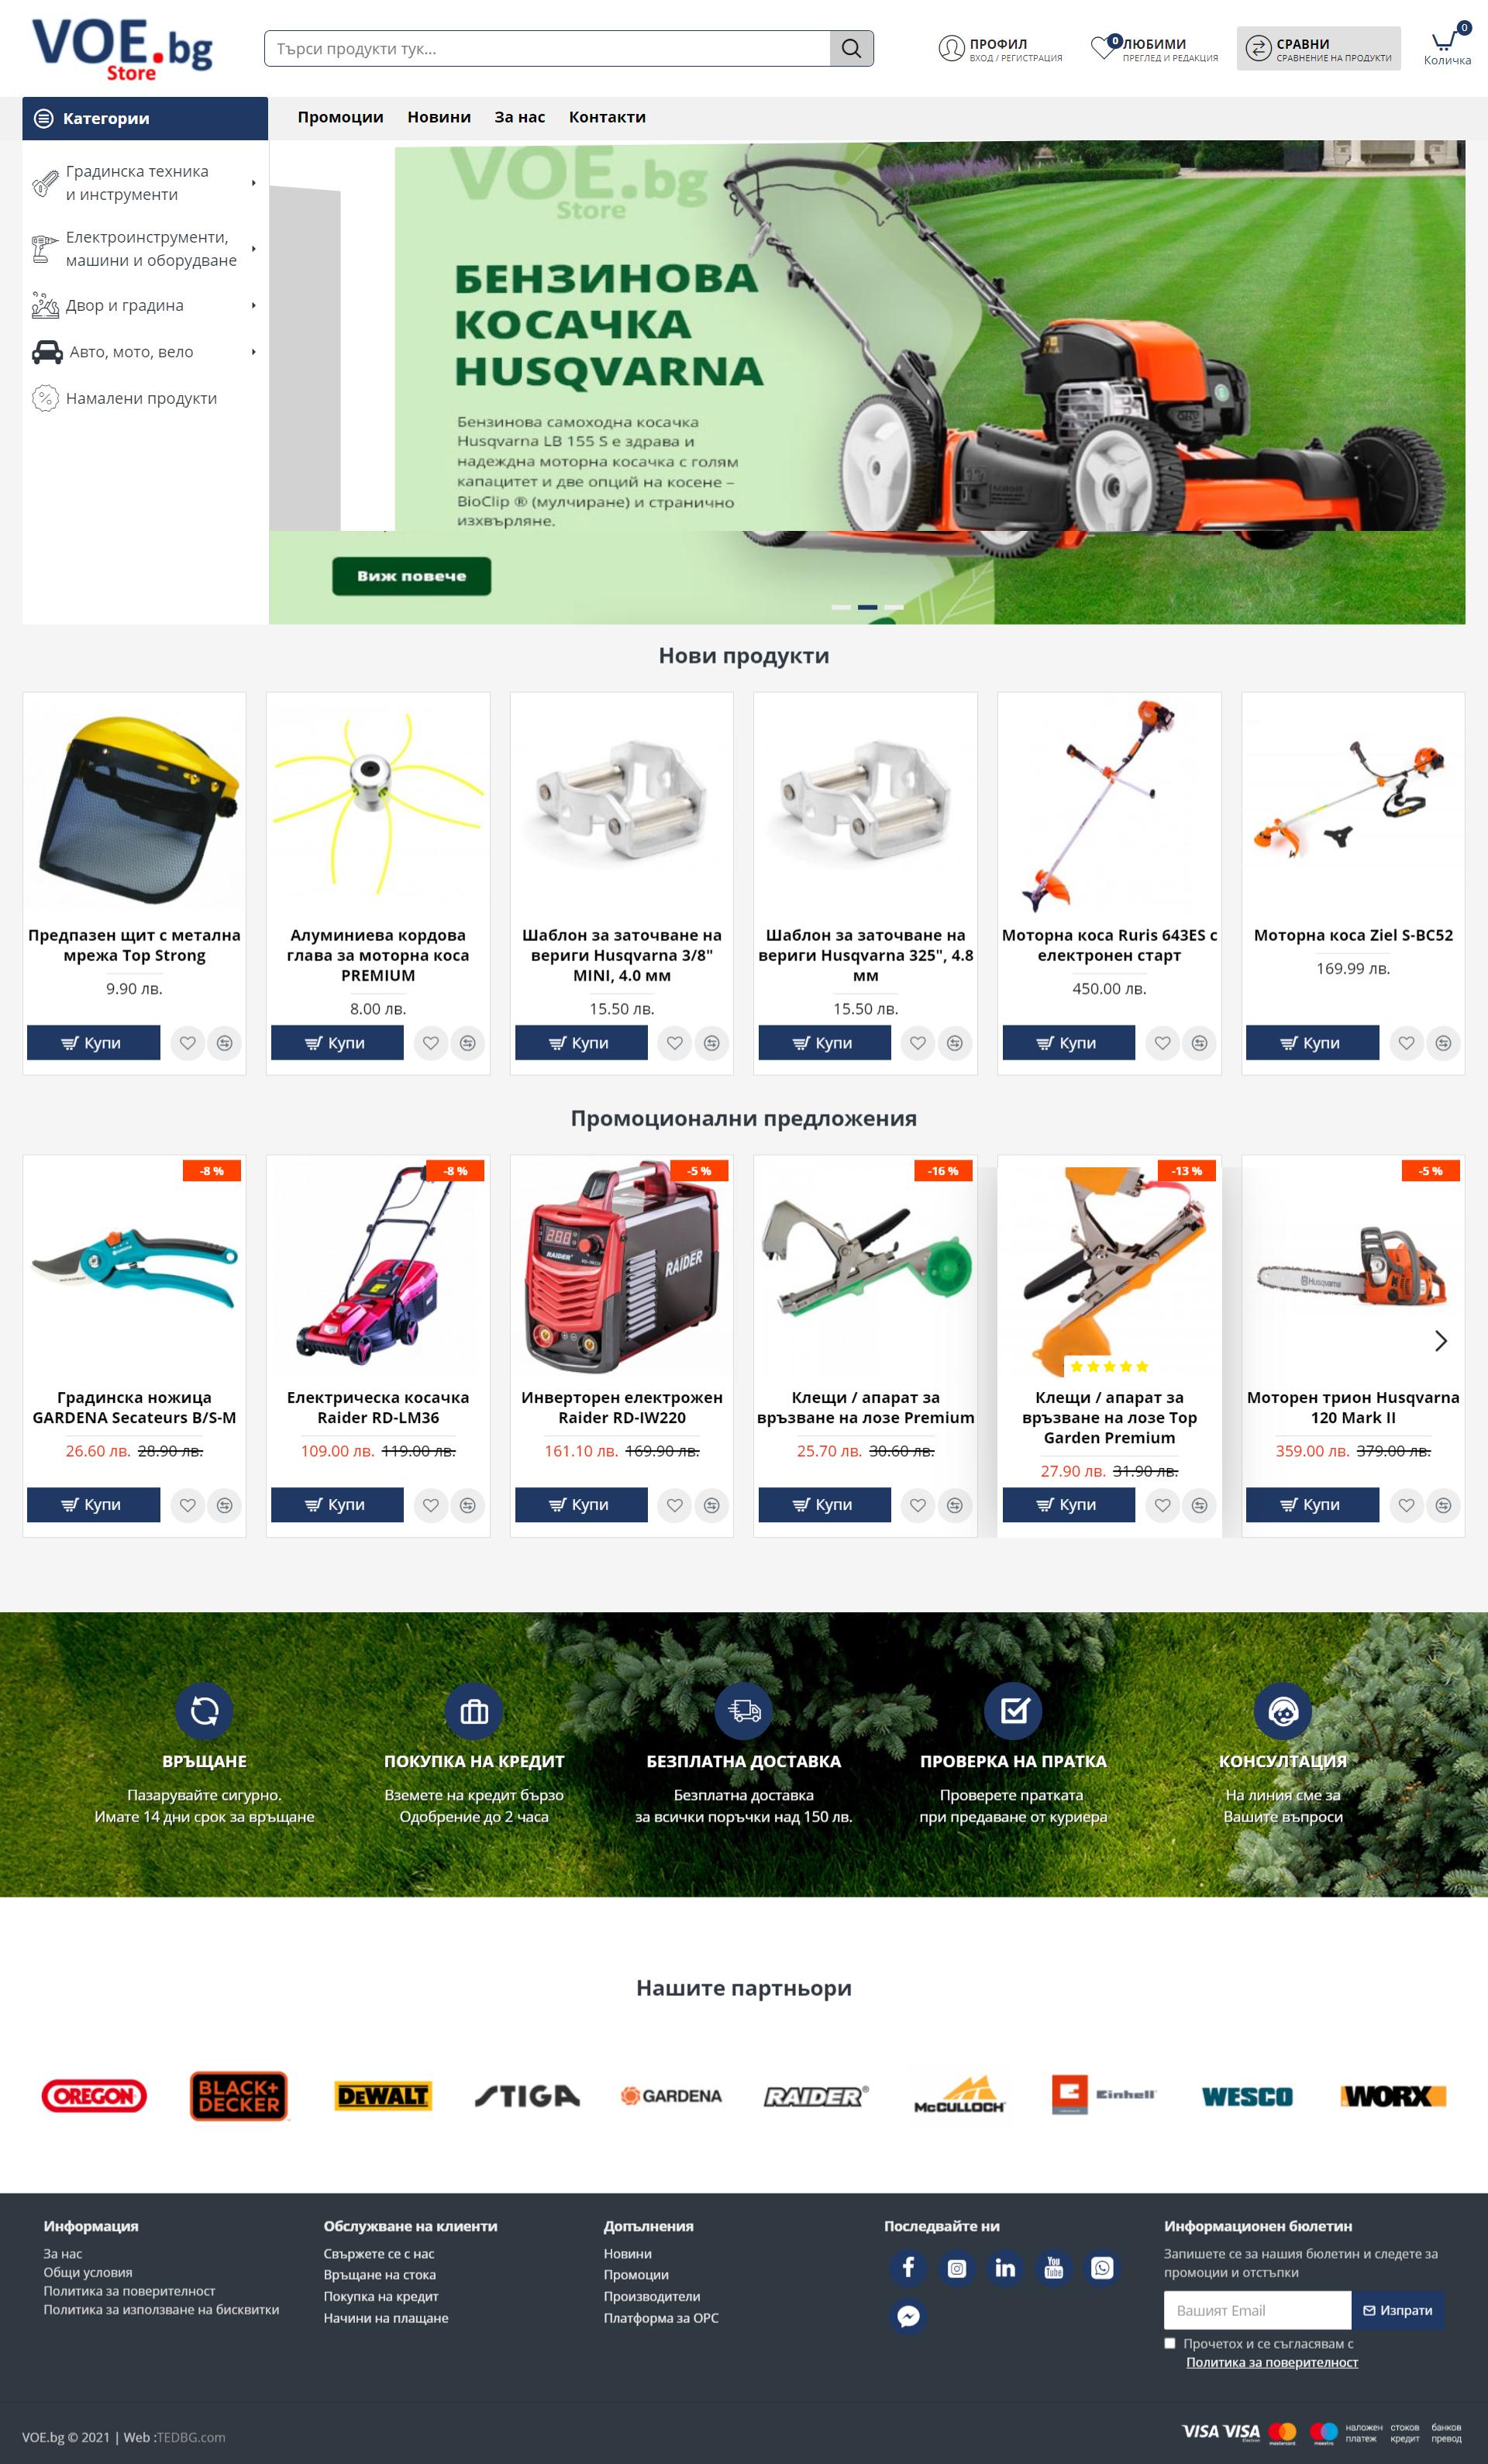 VOE.bg - онлайн магазин за продажба на градински инструменти и техника